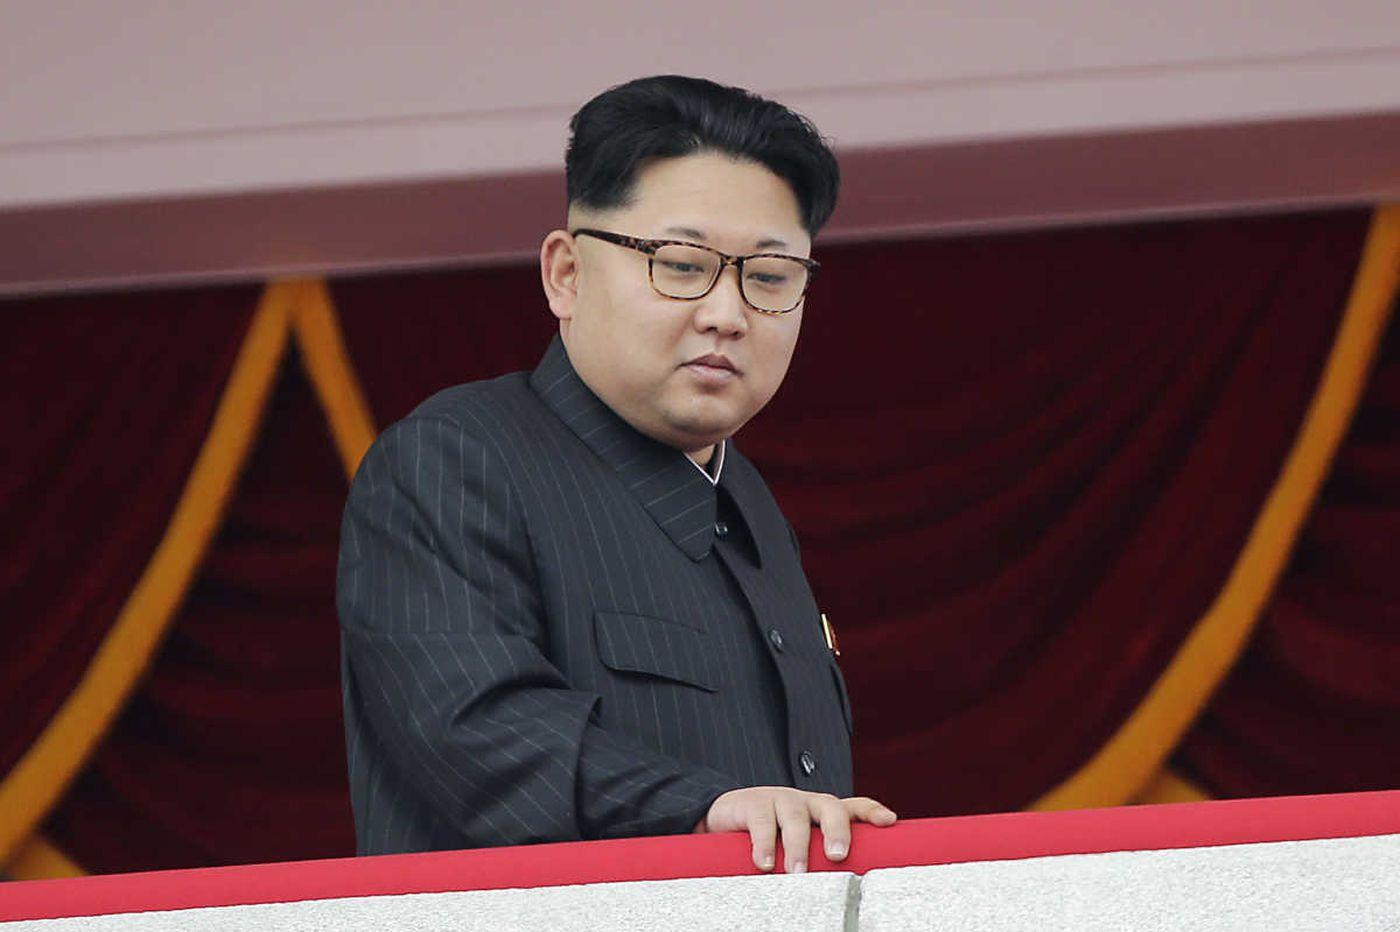 Krauthammer: Options stark against nukes in N. Korea